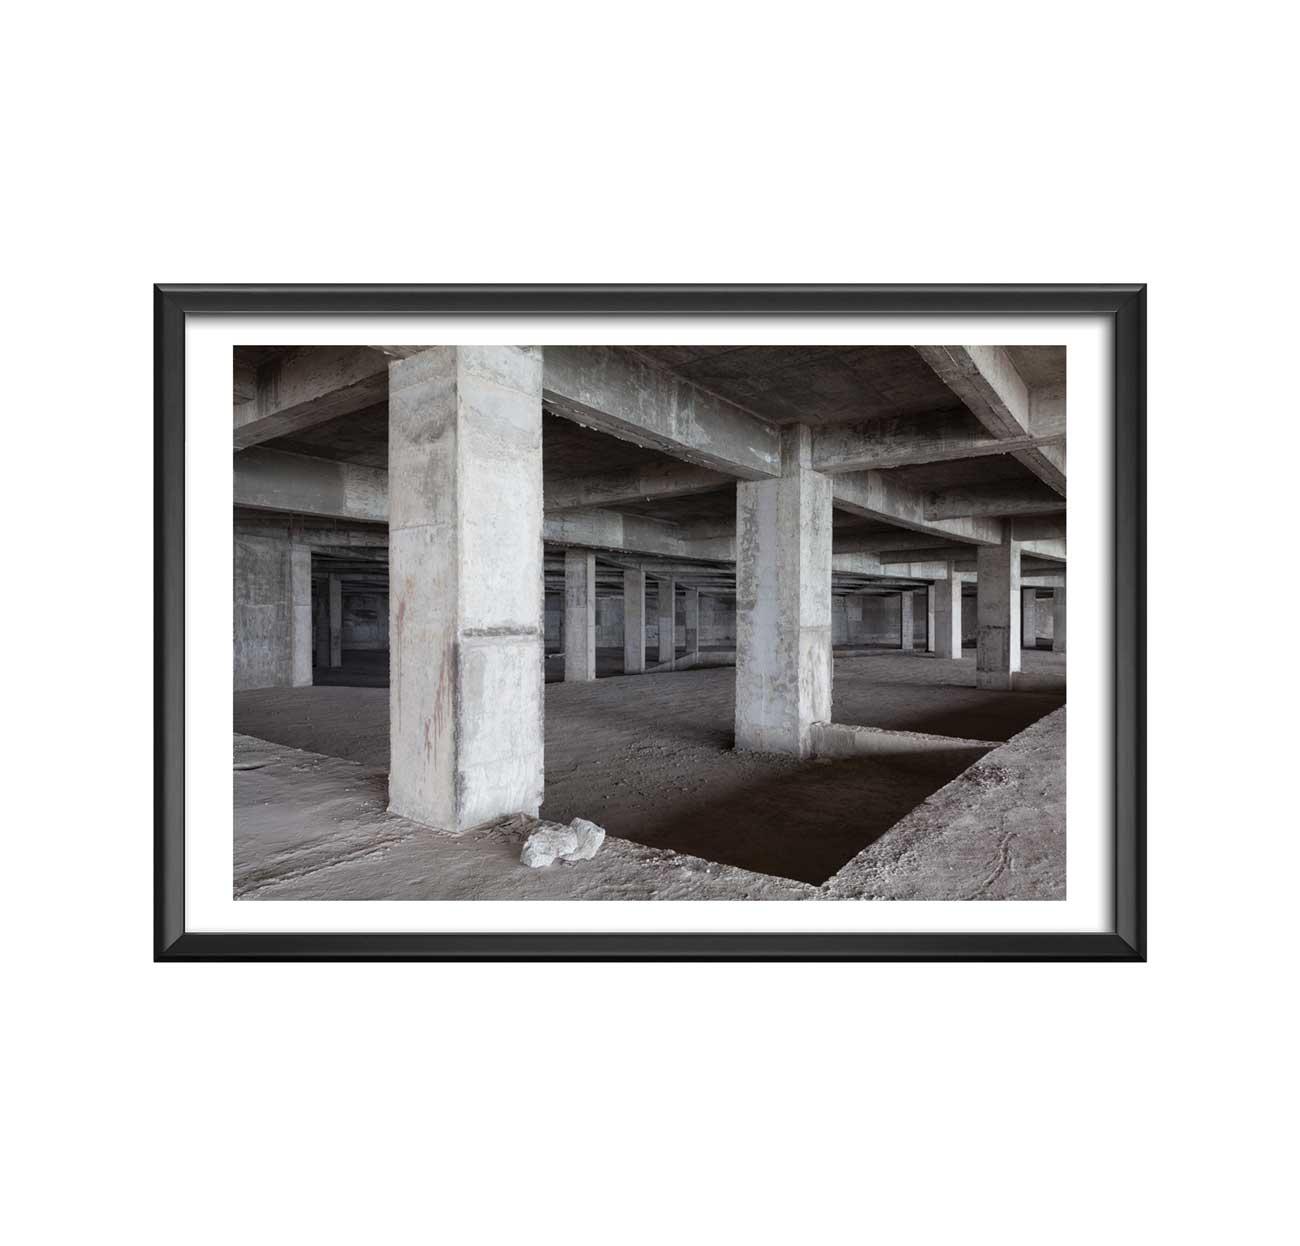 tirage limit xiamen 3 aur lie foussard photographie d 39 art contemporain pandorart. Black Bedroom Furniture Sets. Home Design Ideas